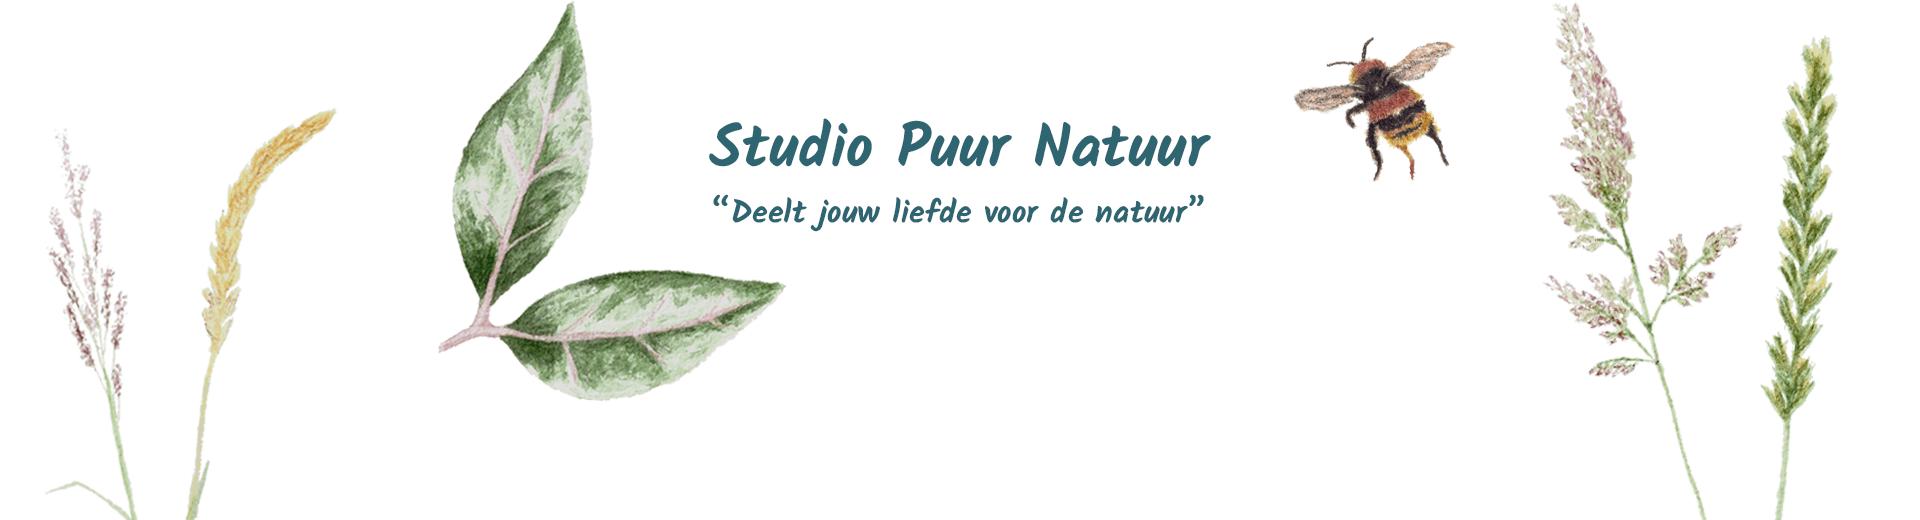 Studio Puur Natuur - Deelt jouw liefde voor de natuur